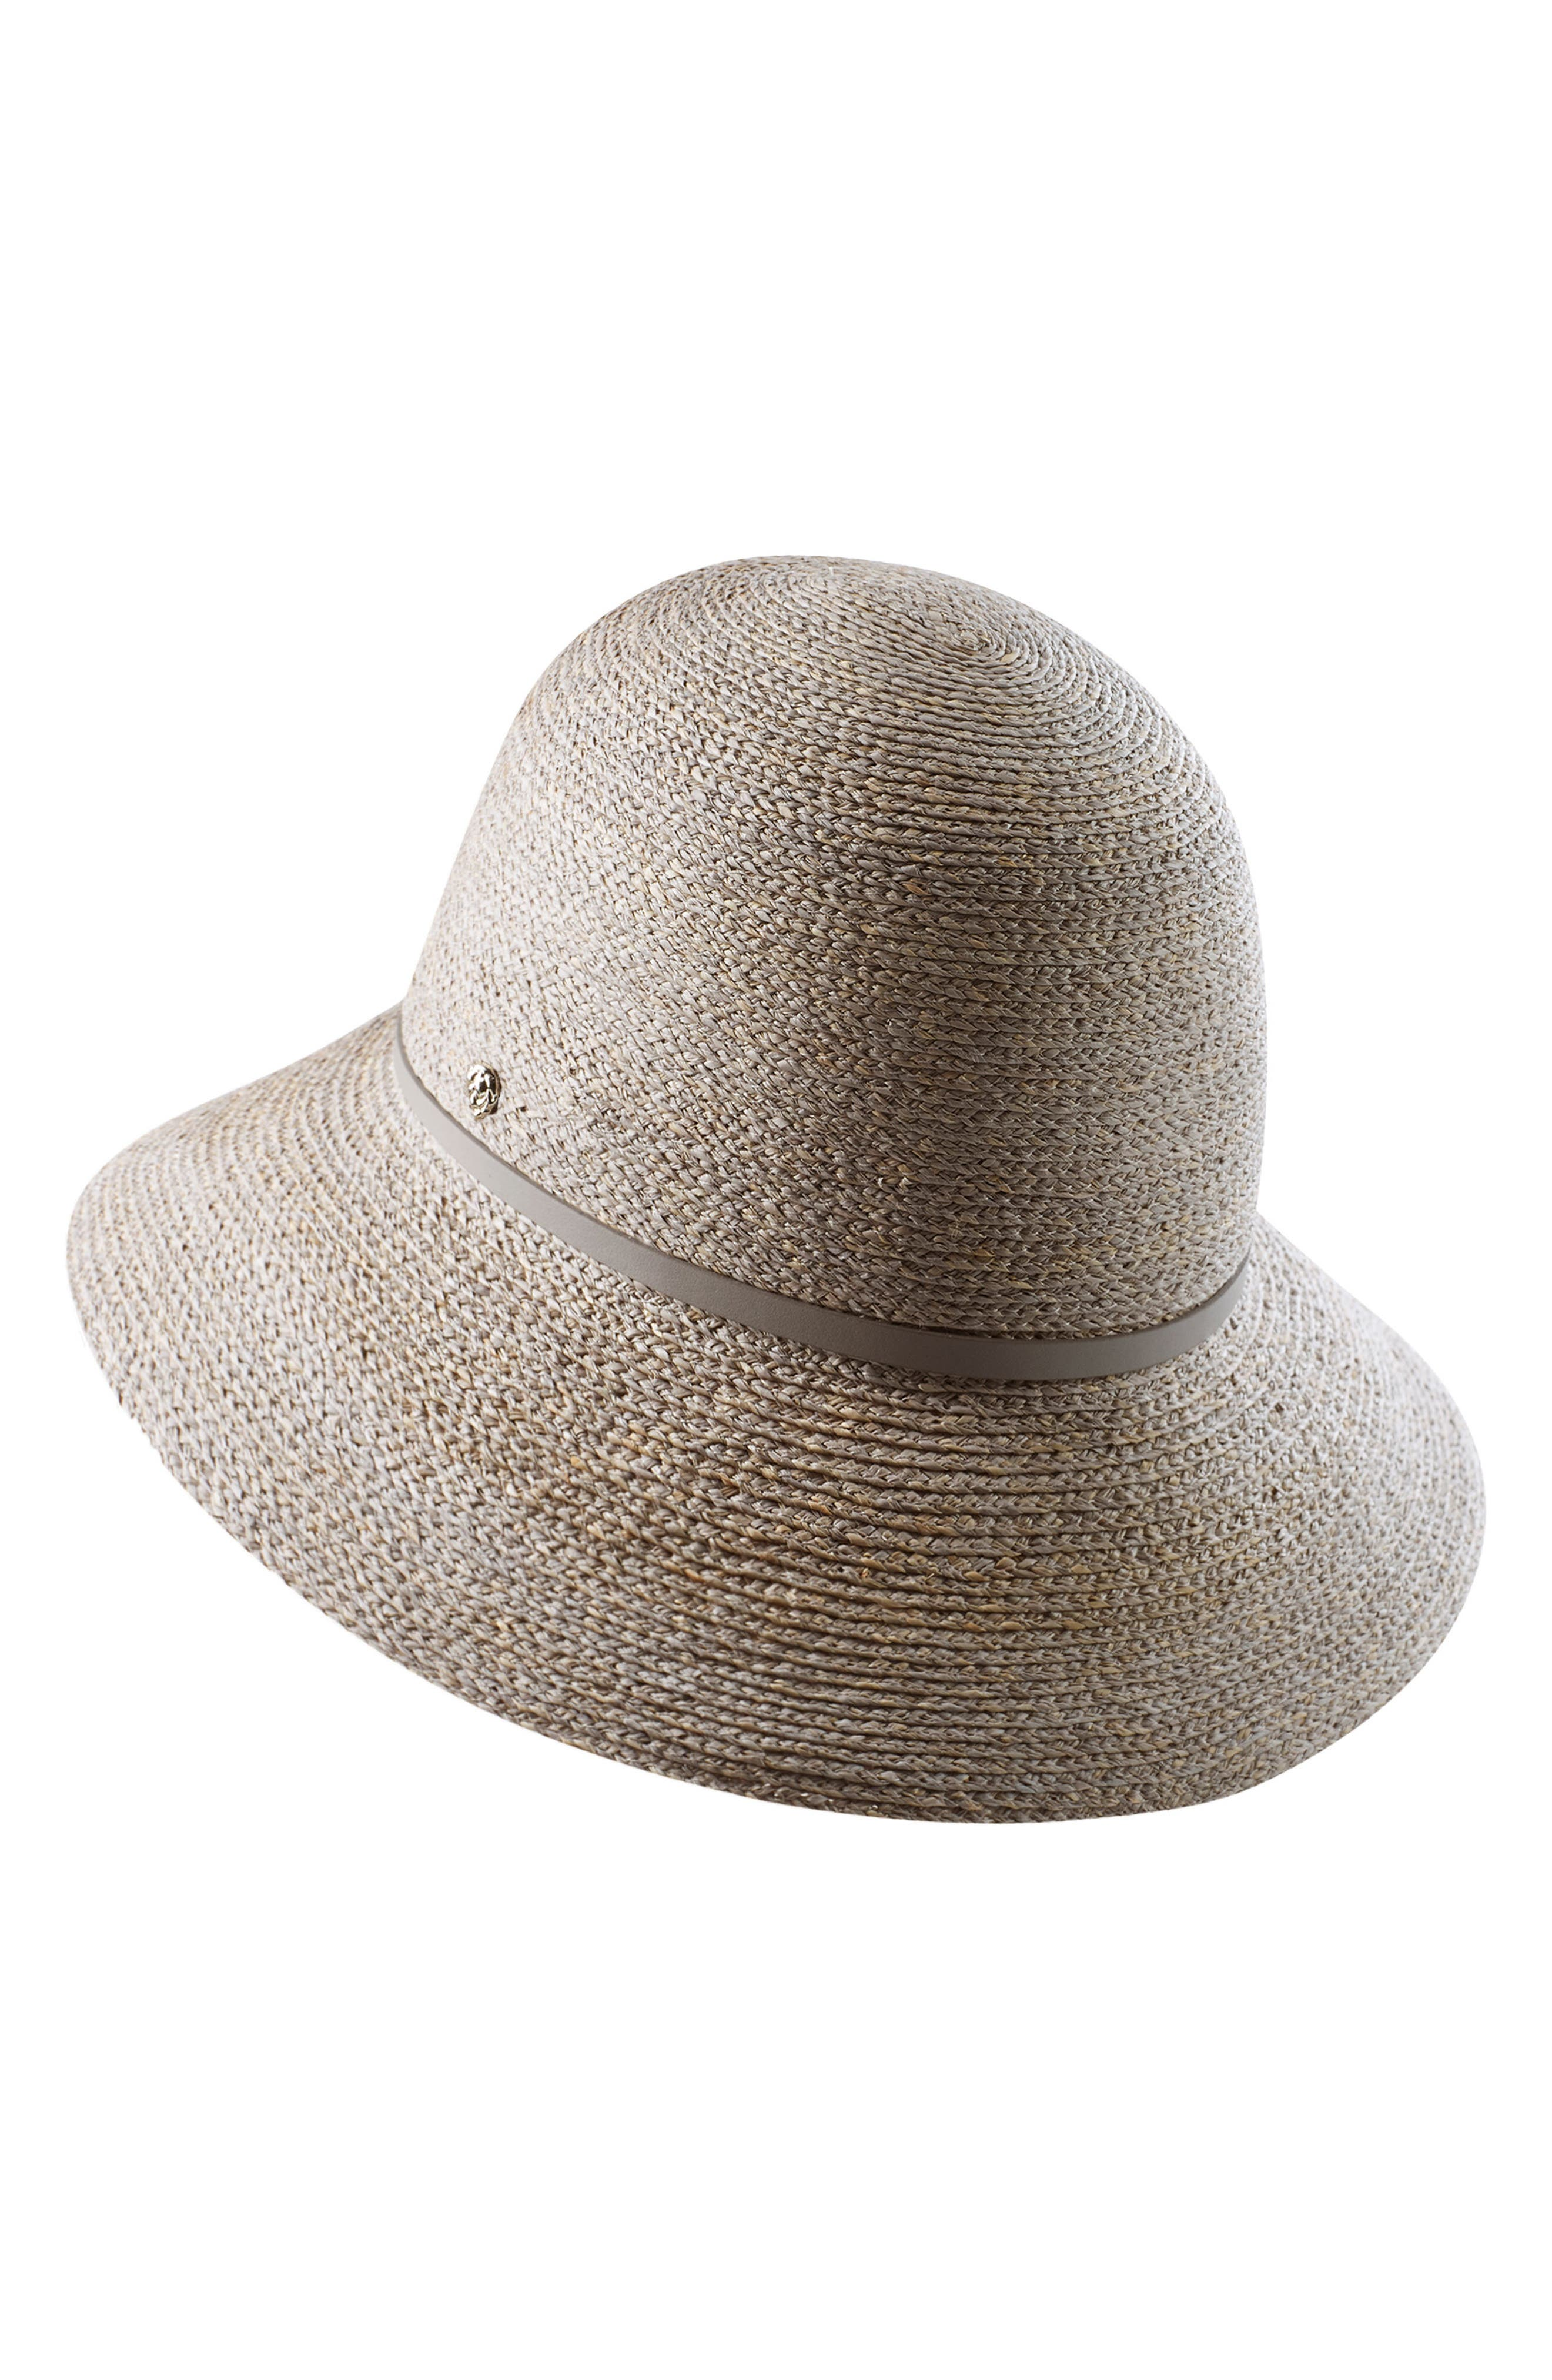 Packable Raffia Cloche Hat,                             Alternate thumbnail 5, color,